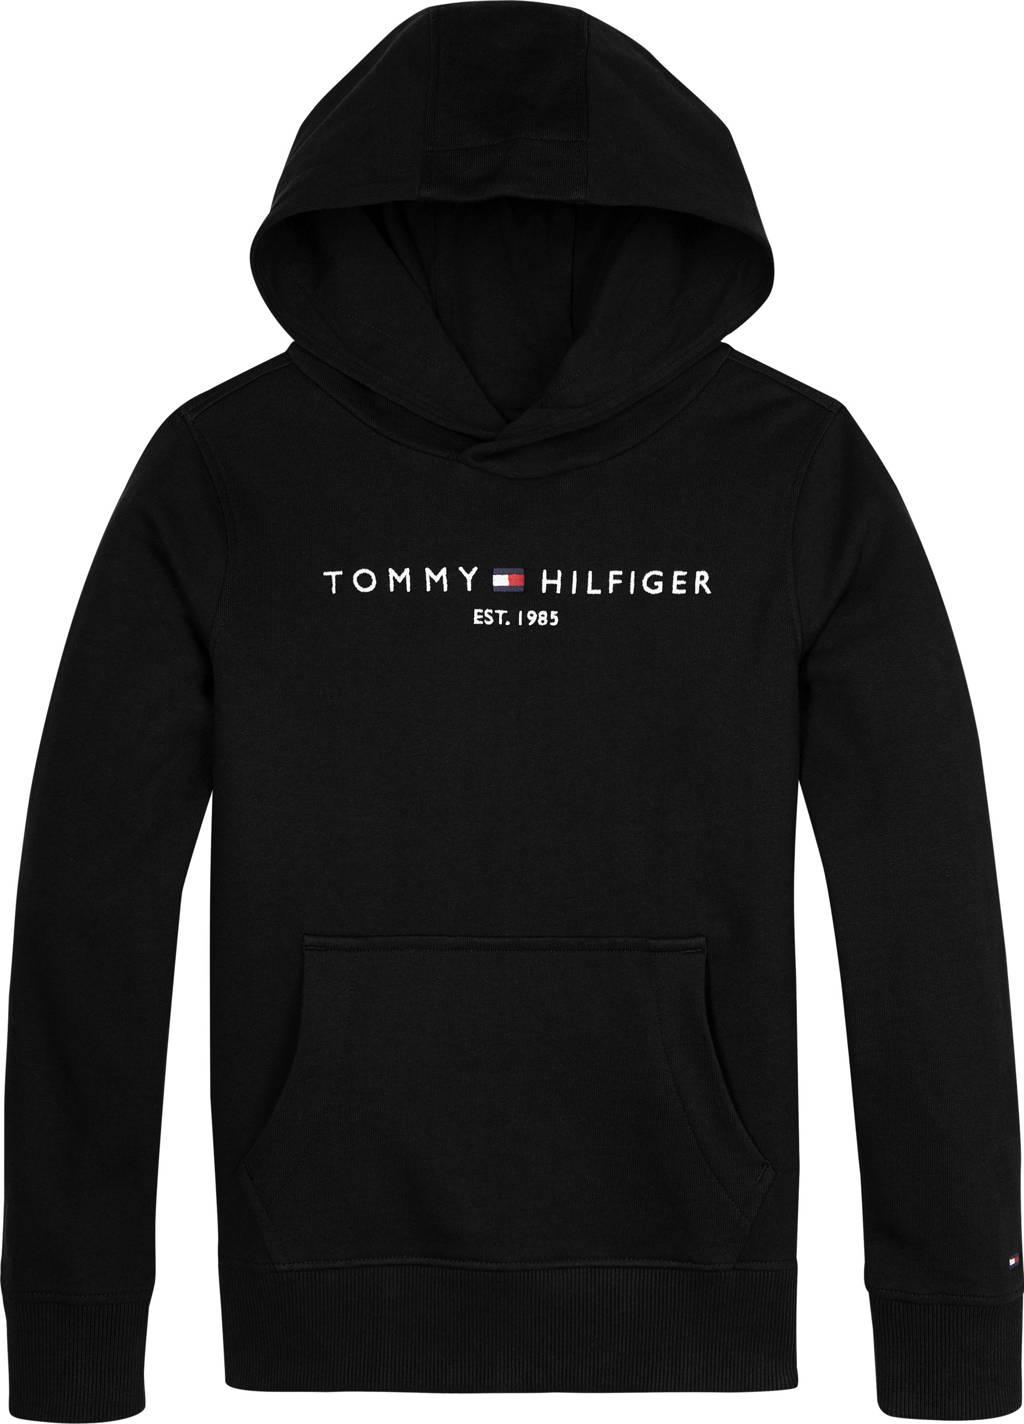 Tommy Hilfiger unisex hoodie met logo zwart, Zwart